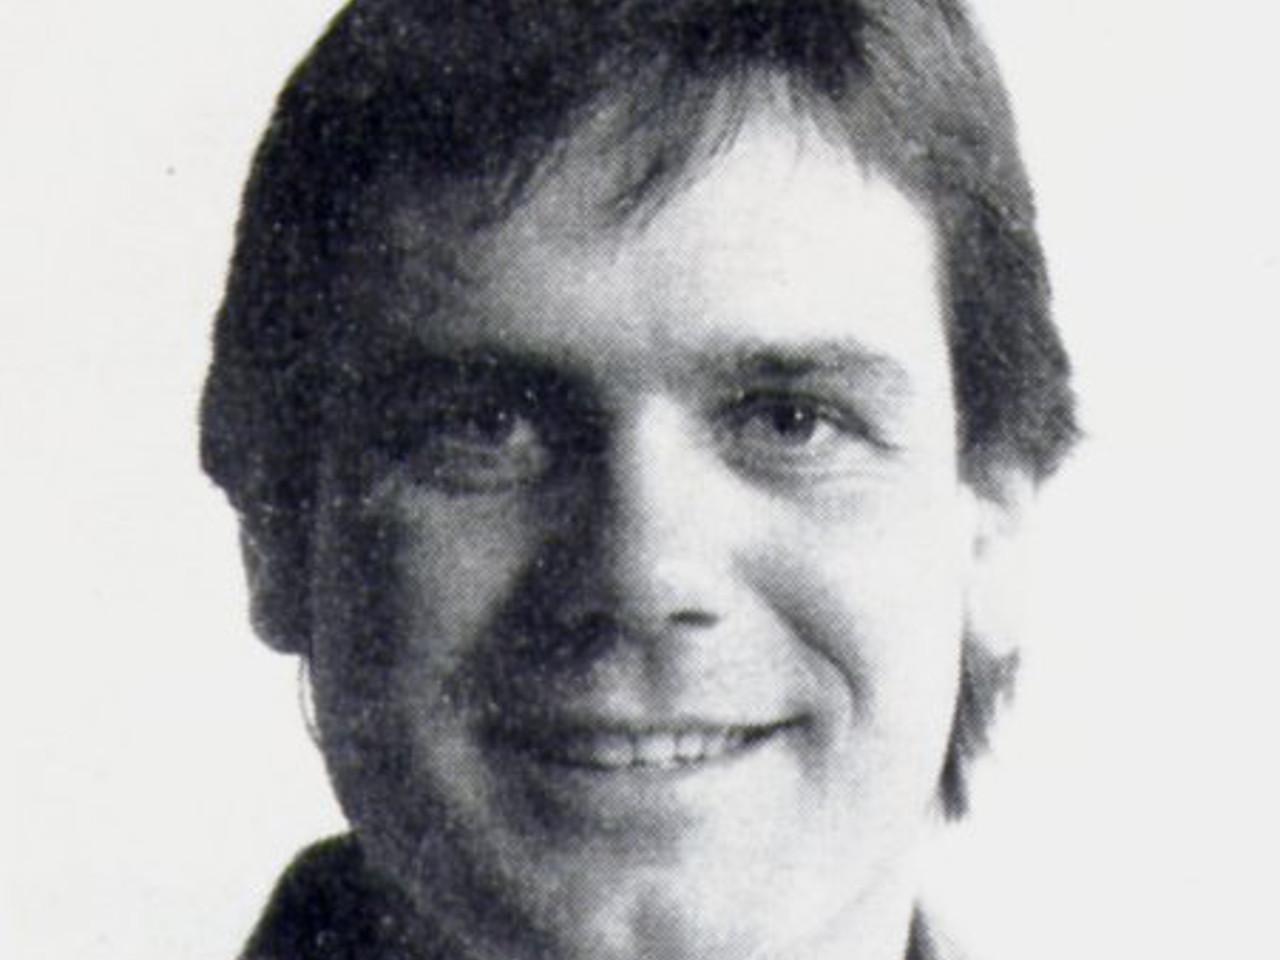 Wolfgang Taschner hat seinerzeit auch für die Computerzeitschrift CHIP gearbeitet und war verantwortlich für viele Heimcomputer-Publikationen. (Bild: Wolfgang Taschner)